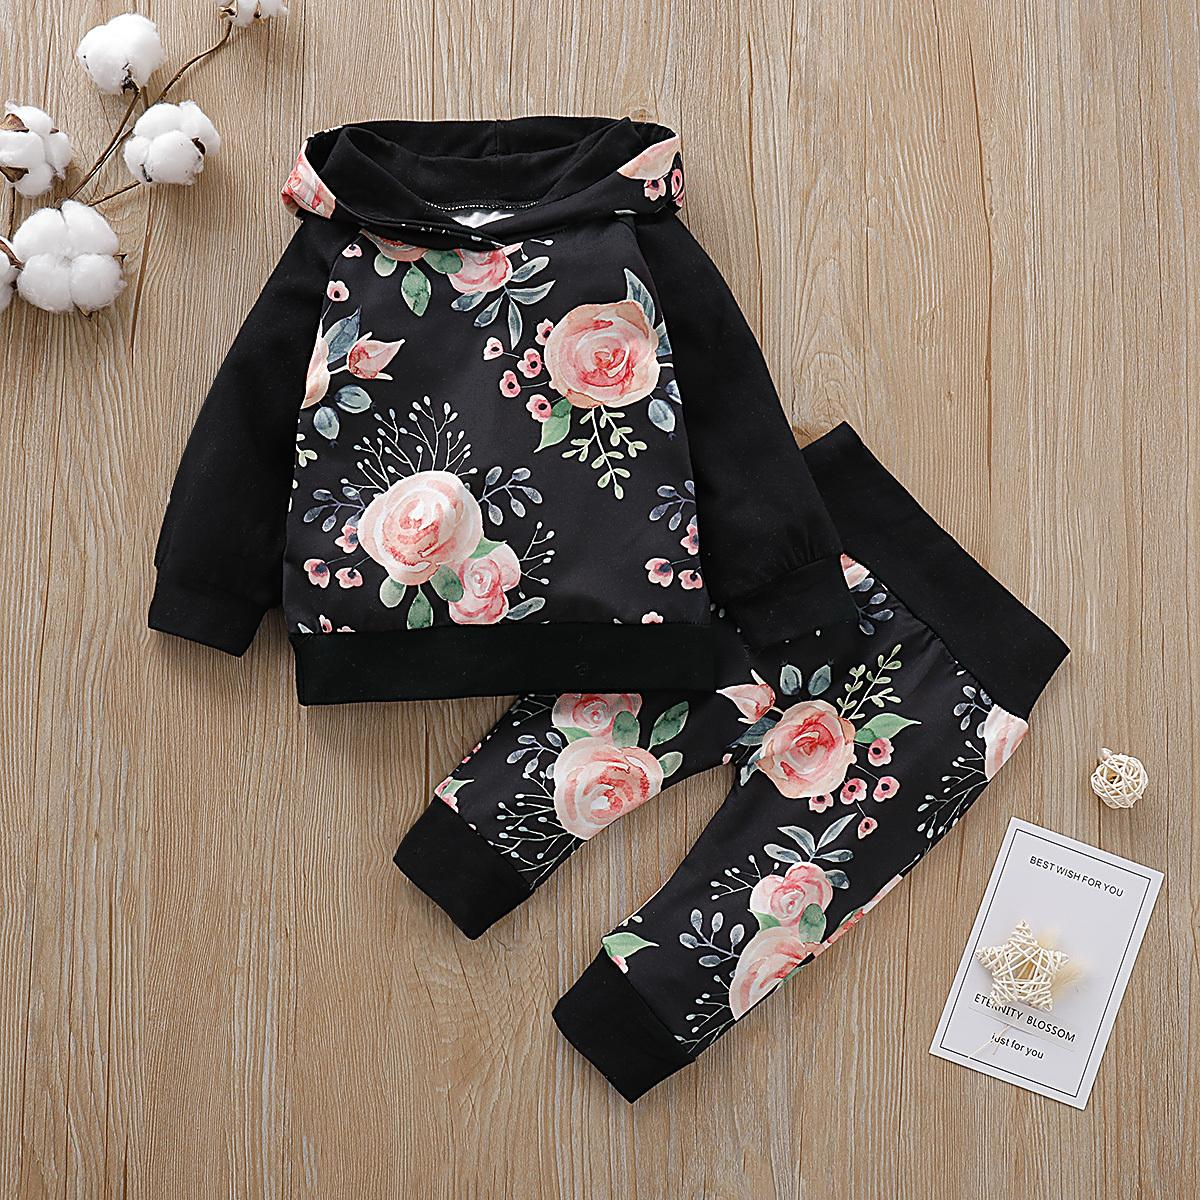 0-24M جديد الخريف الشتاء الزهور مجموعة ملابس مقنع البلوز الأعلى + سروال للاطفال حديثي الولادة طفل 2PCS / SET 2019 ملابس طفلة Y200803